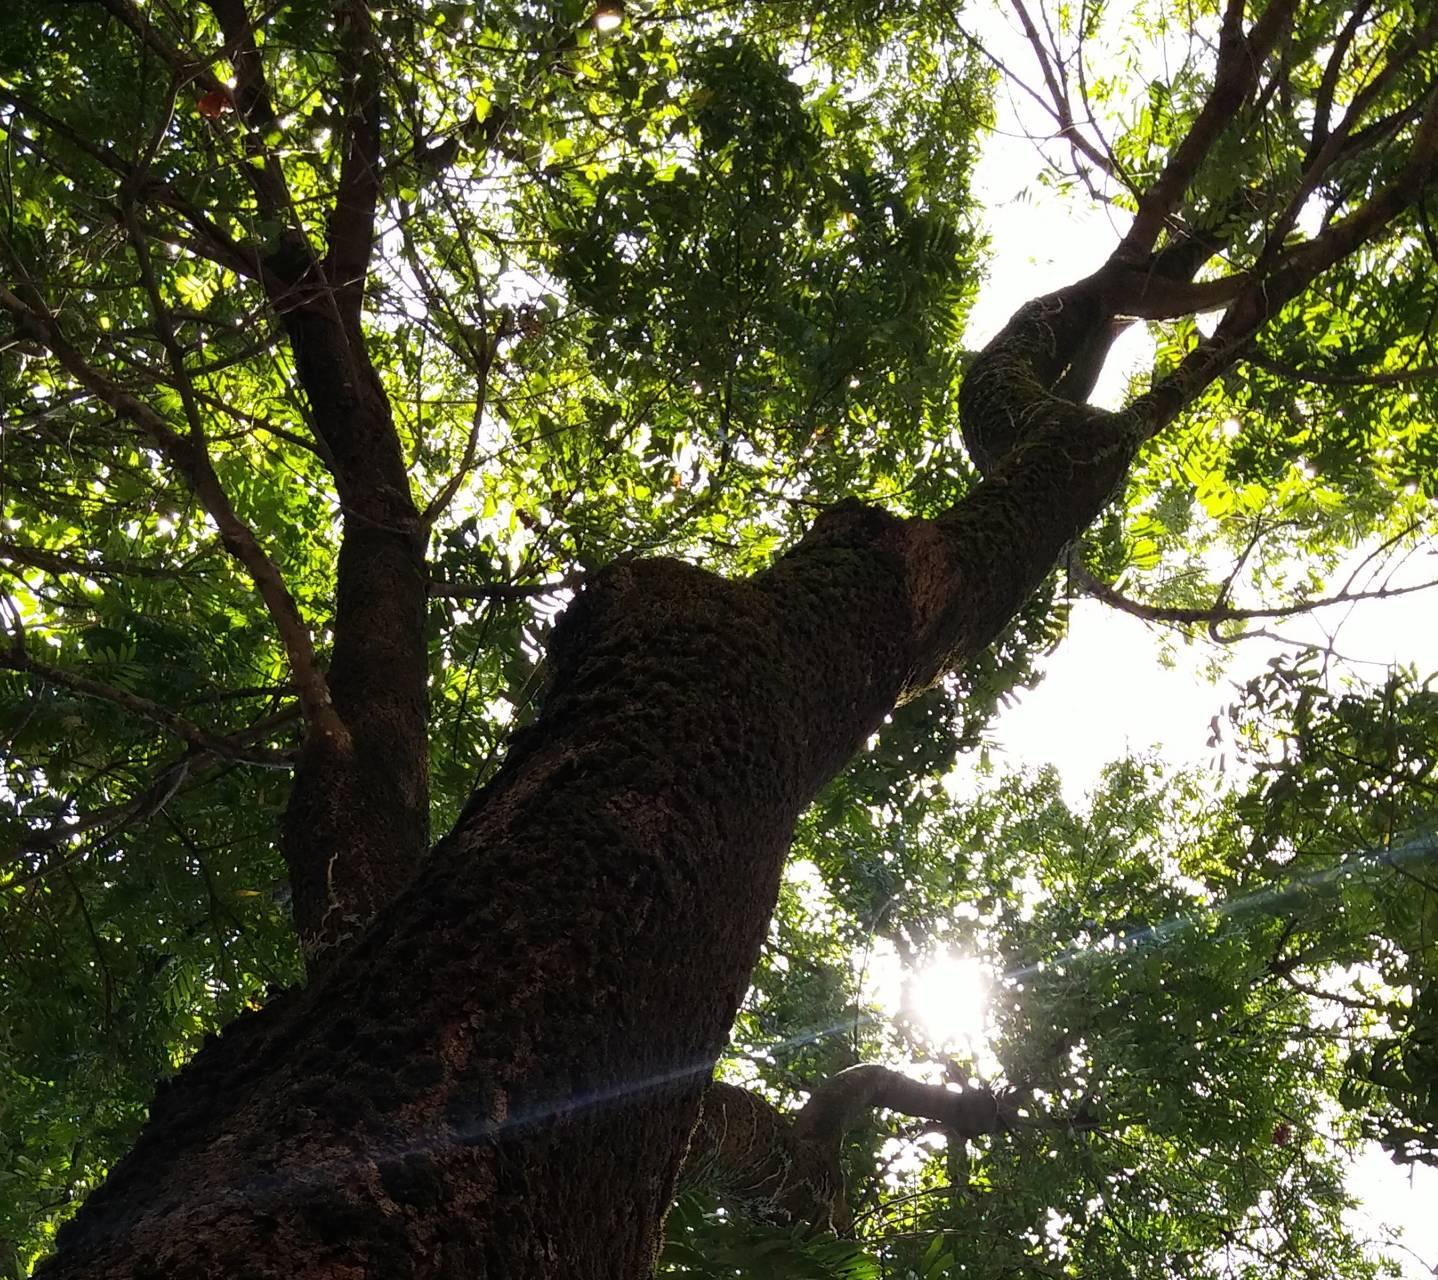 Centenary tree